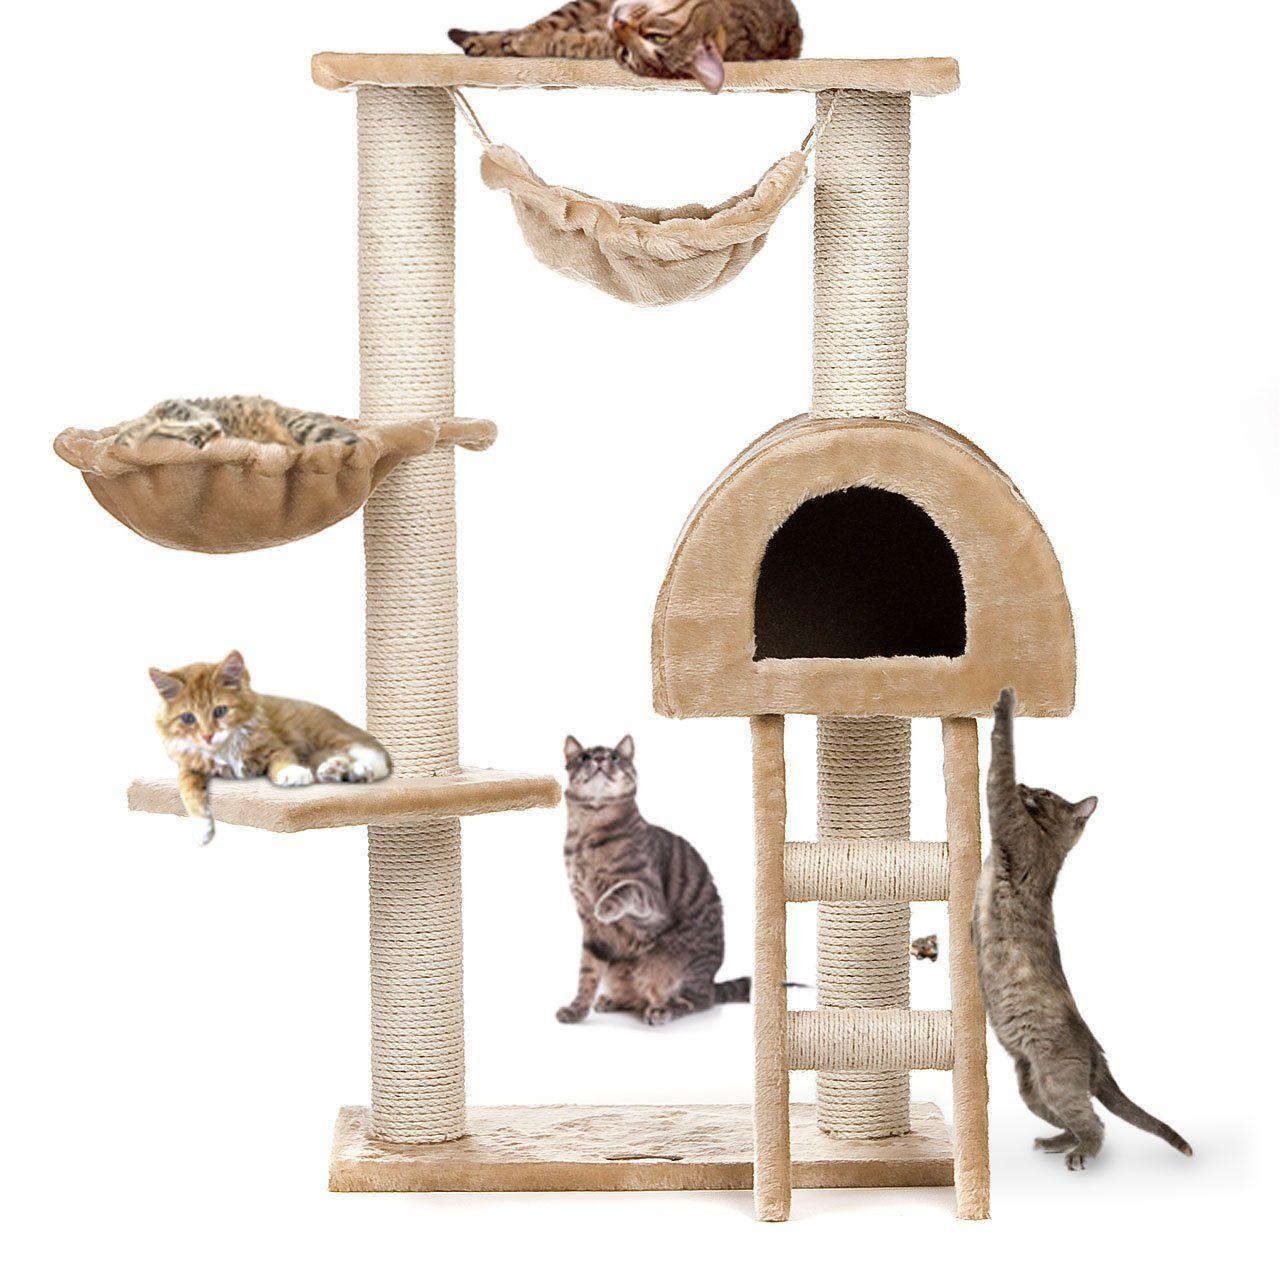 картинки домов для кошек по шагово всего